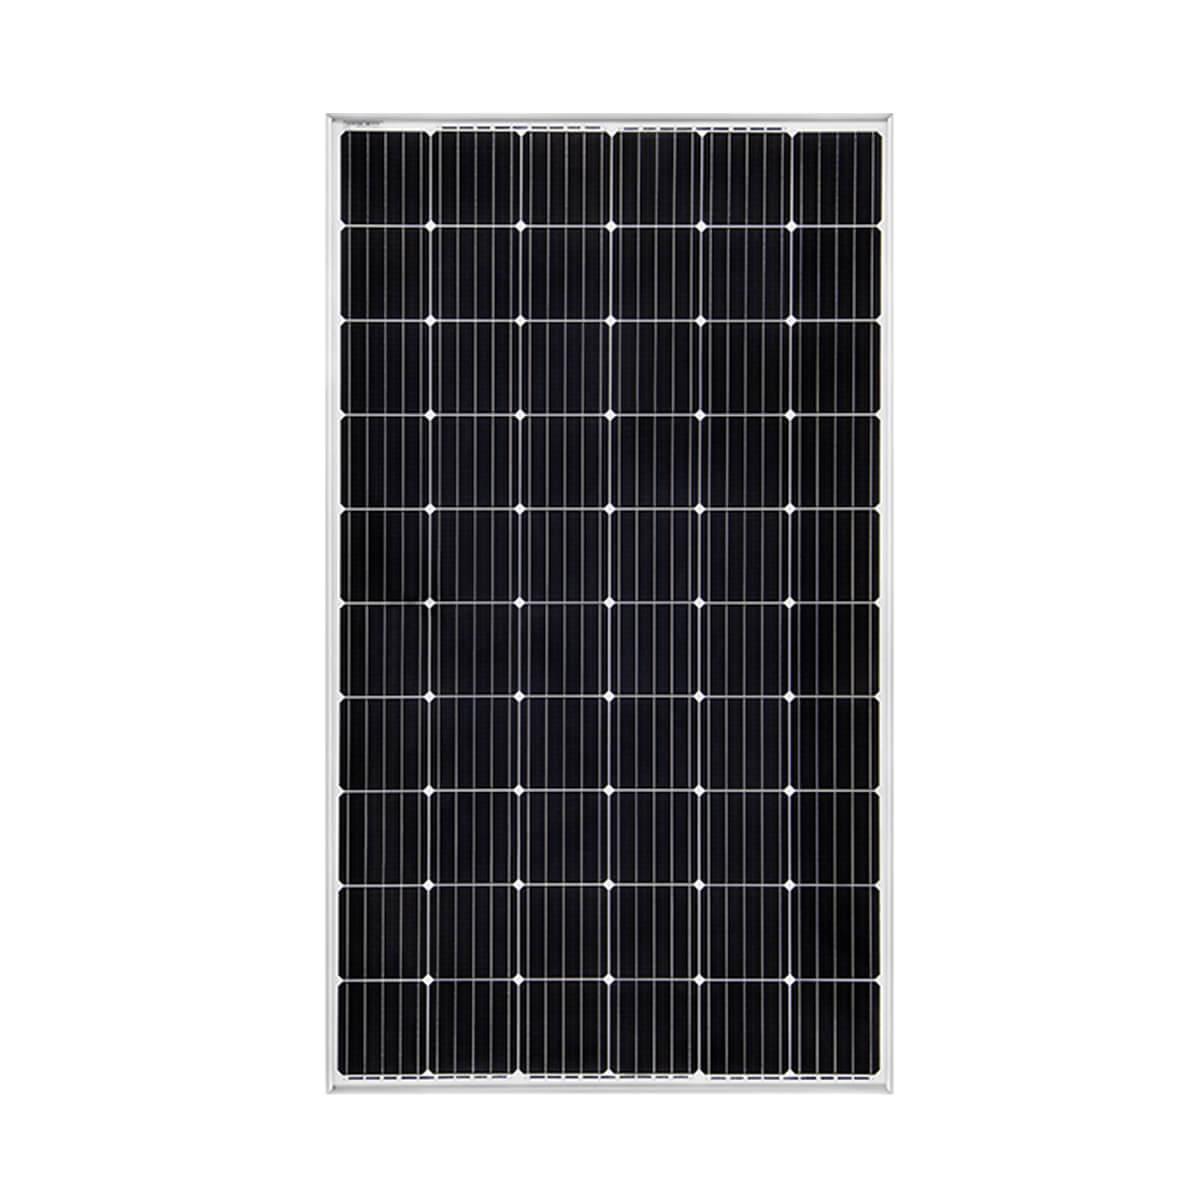 plurawatt 320W panel, plurawatt 320Watt panel, plurawatt 320 W panel, plurawatt 320 Watt panel, plurawatt 320 Watt monokristal panel, plurawatt 320 W watt gunes paneli, plurawatt 320 W watt monokristal gunes paneli, plurawatt 320 W Watt fotovoltaik monokristal solar panel, plurawatt 320W monokristal gunes enerjisi, plurawatt dc-l60-320W panel, PLURAWATT 320 WATT